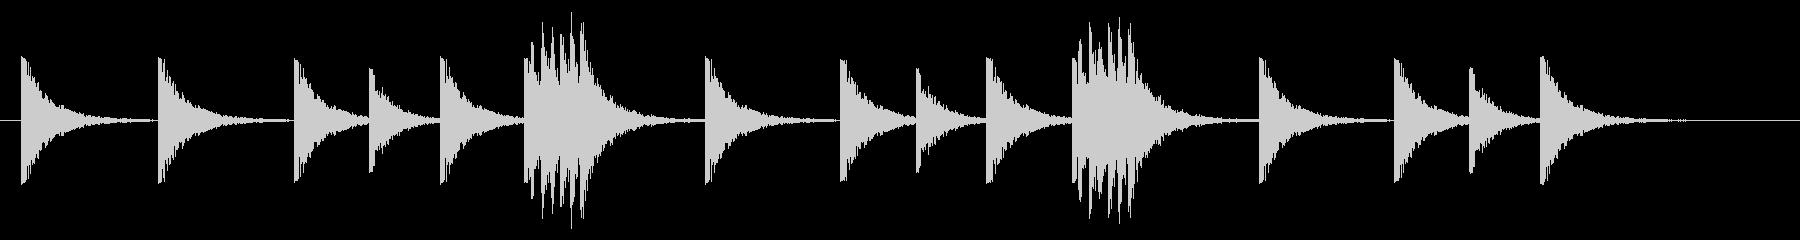 パーカッション-短い軍用ドラムロールの未再生の波形